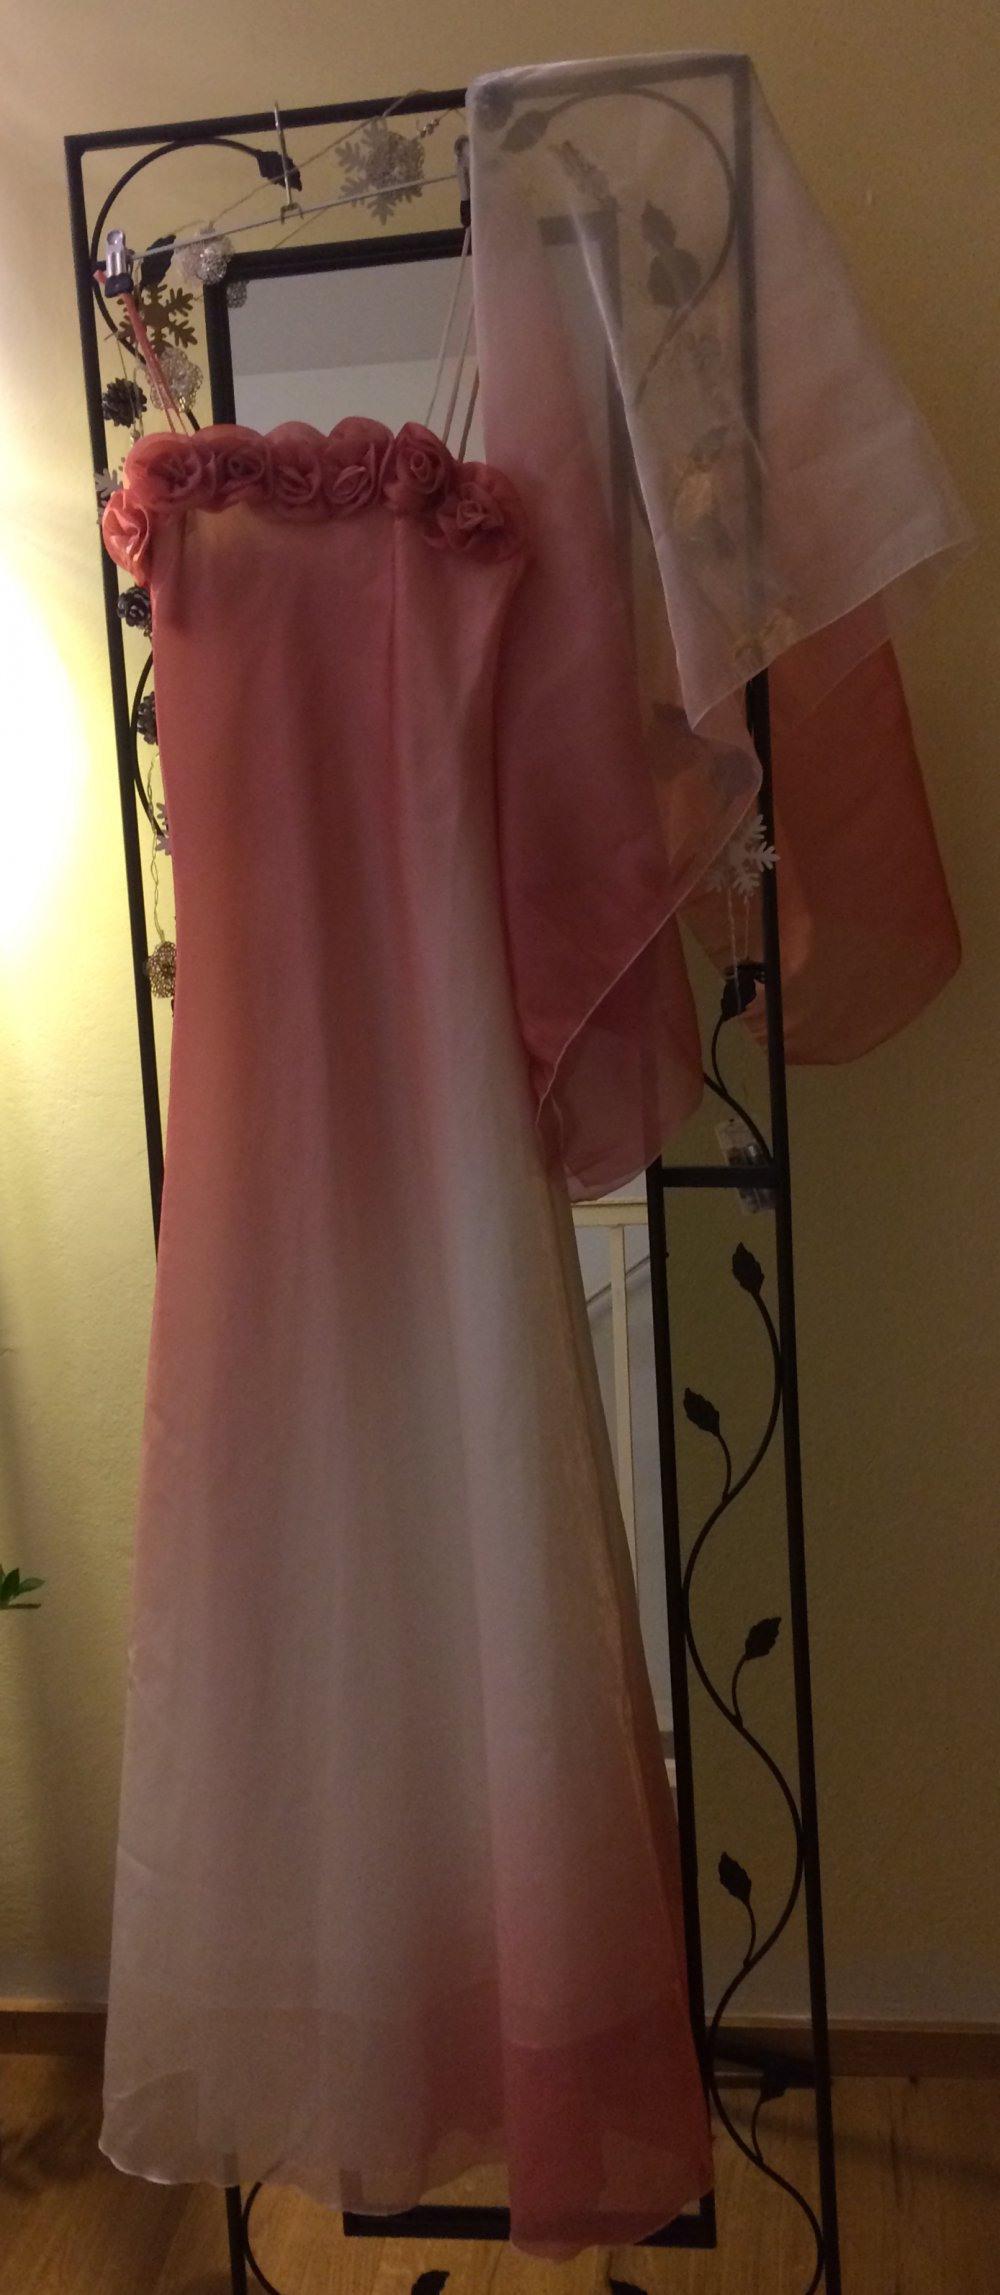 Designer Schön Yves Calin Paris Abendkleid ÄrmelAbend Ausgezeichnet Yves Calin Paris Abendkleid für 2019